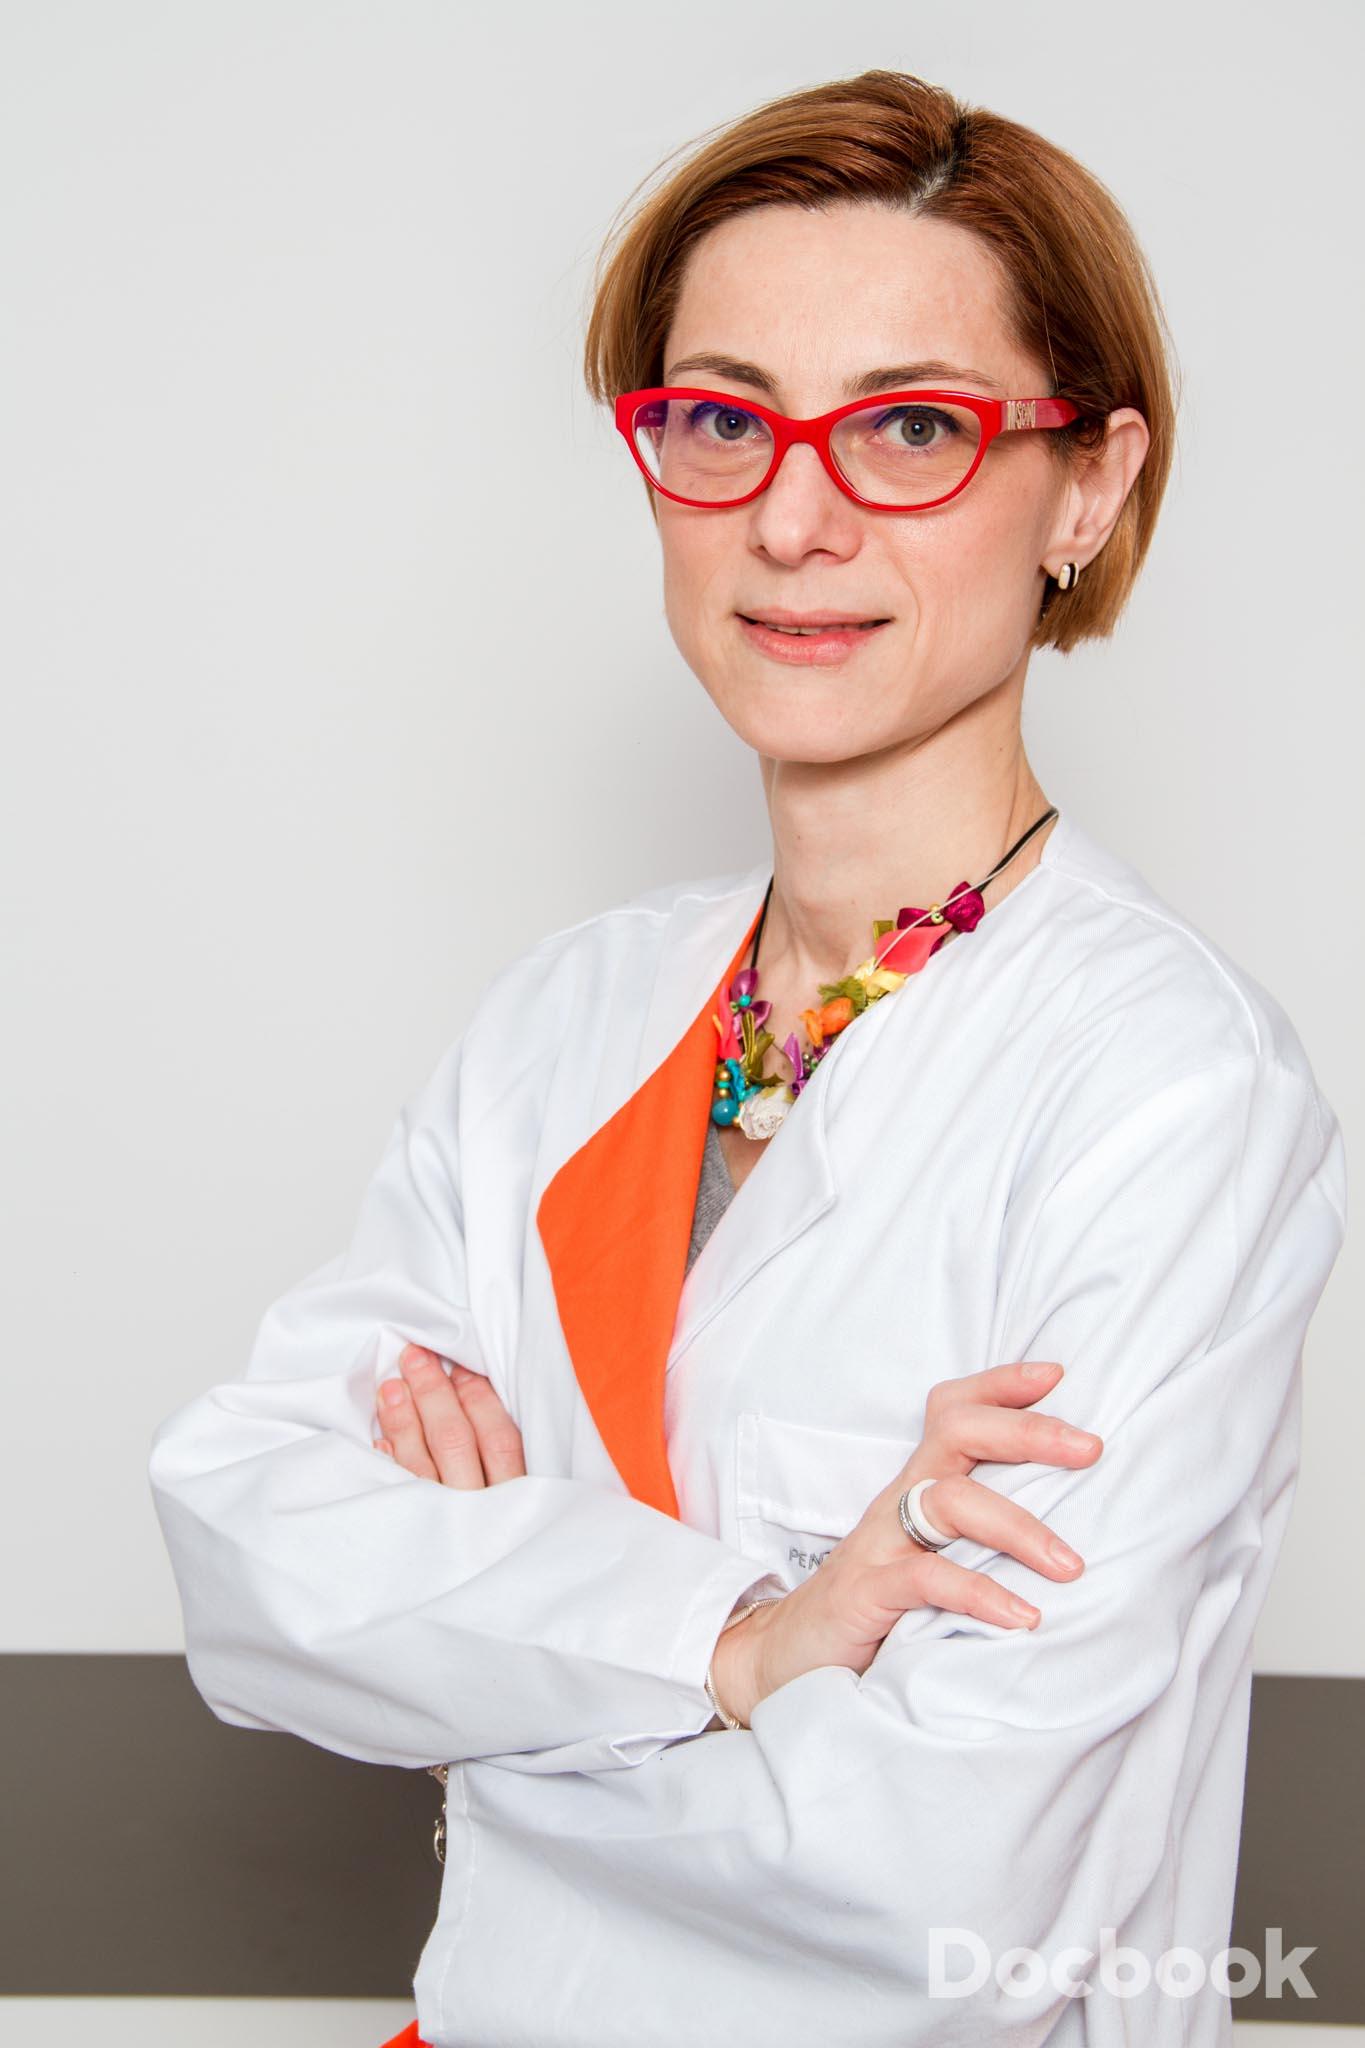 Dr. Speranta Iacob